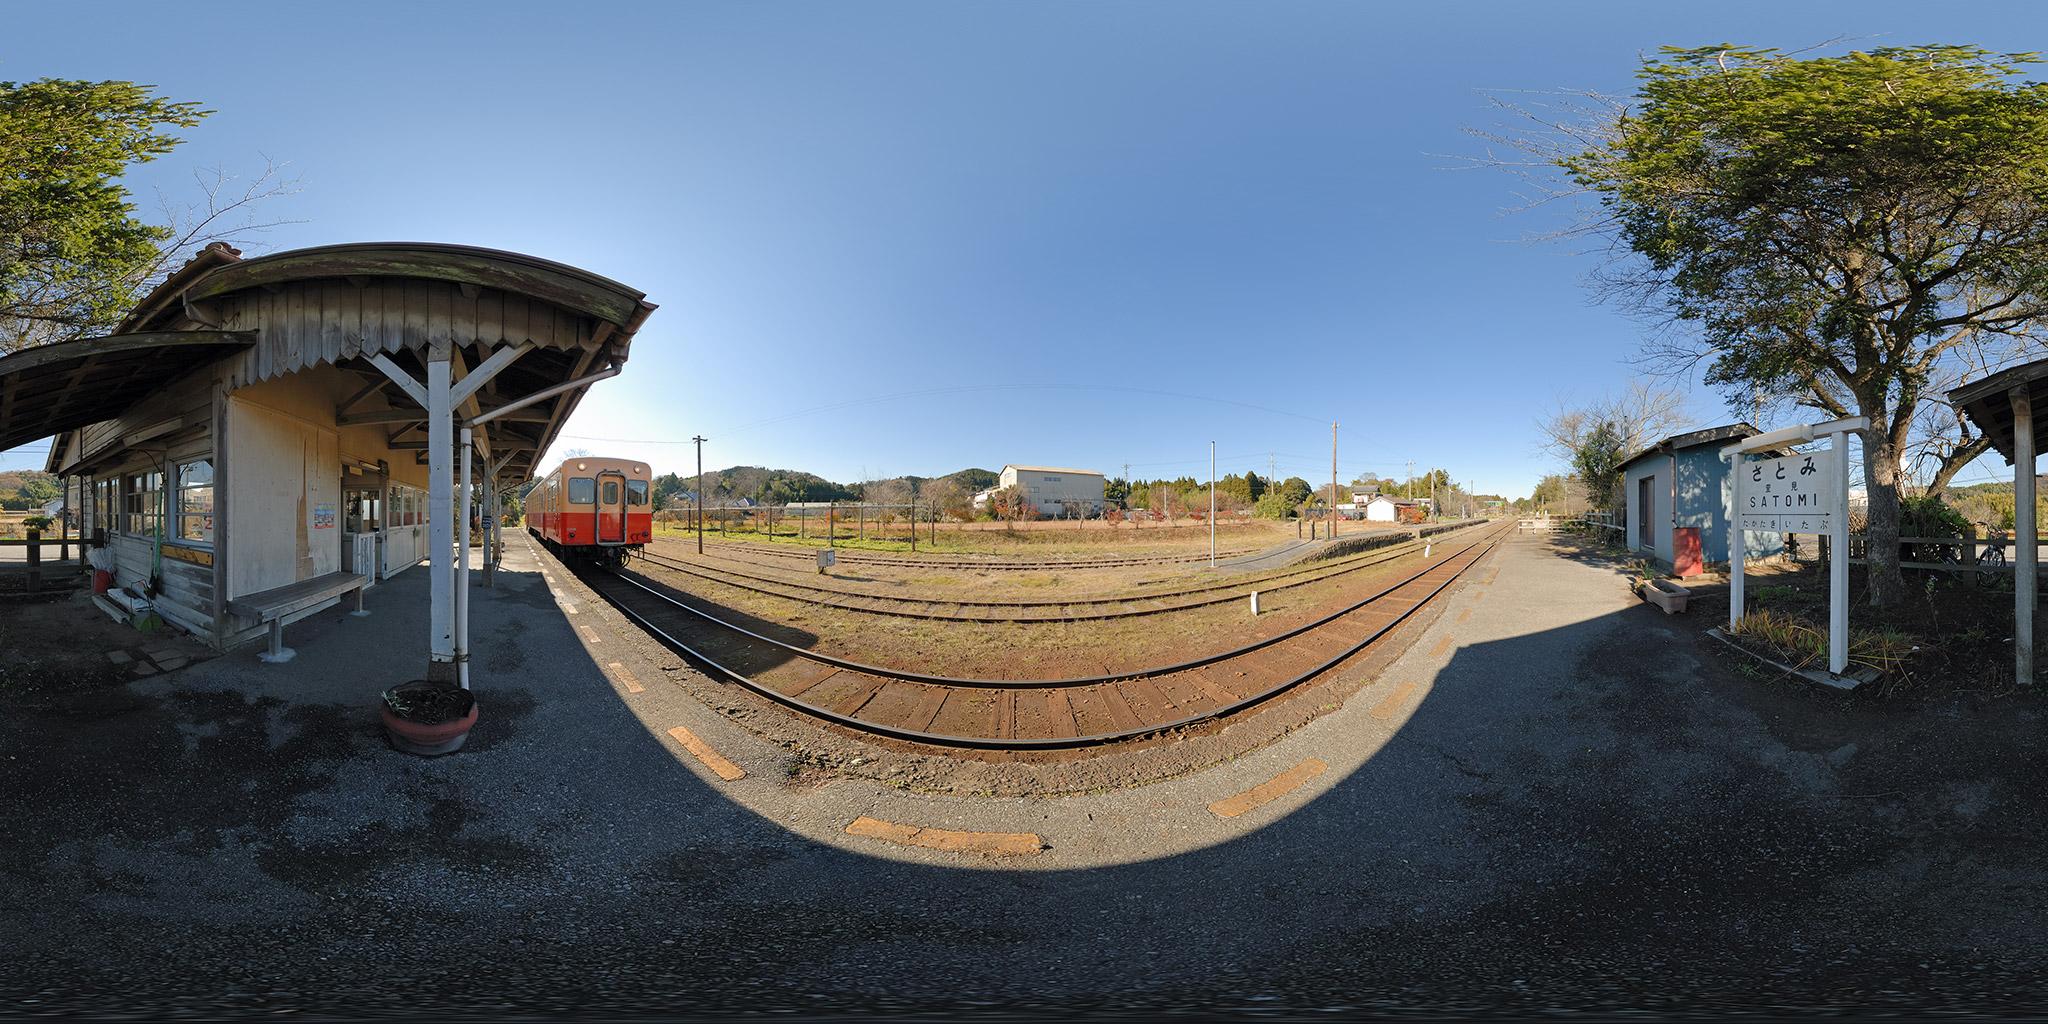 里見駅の木造駅舎と旧プラットホーム